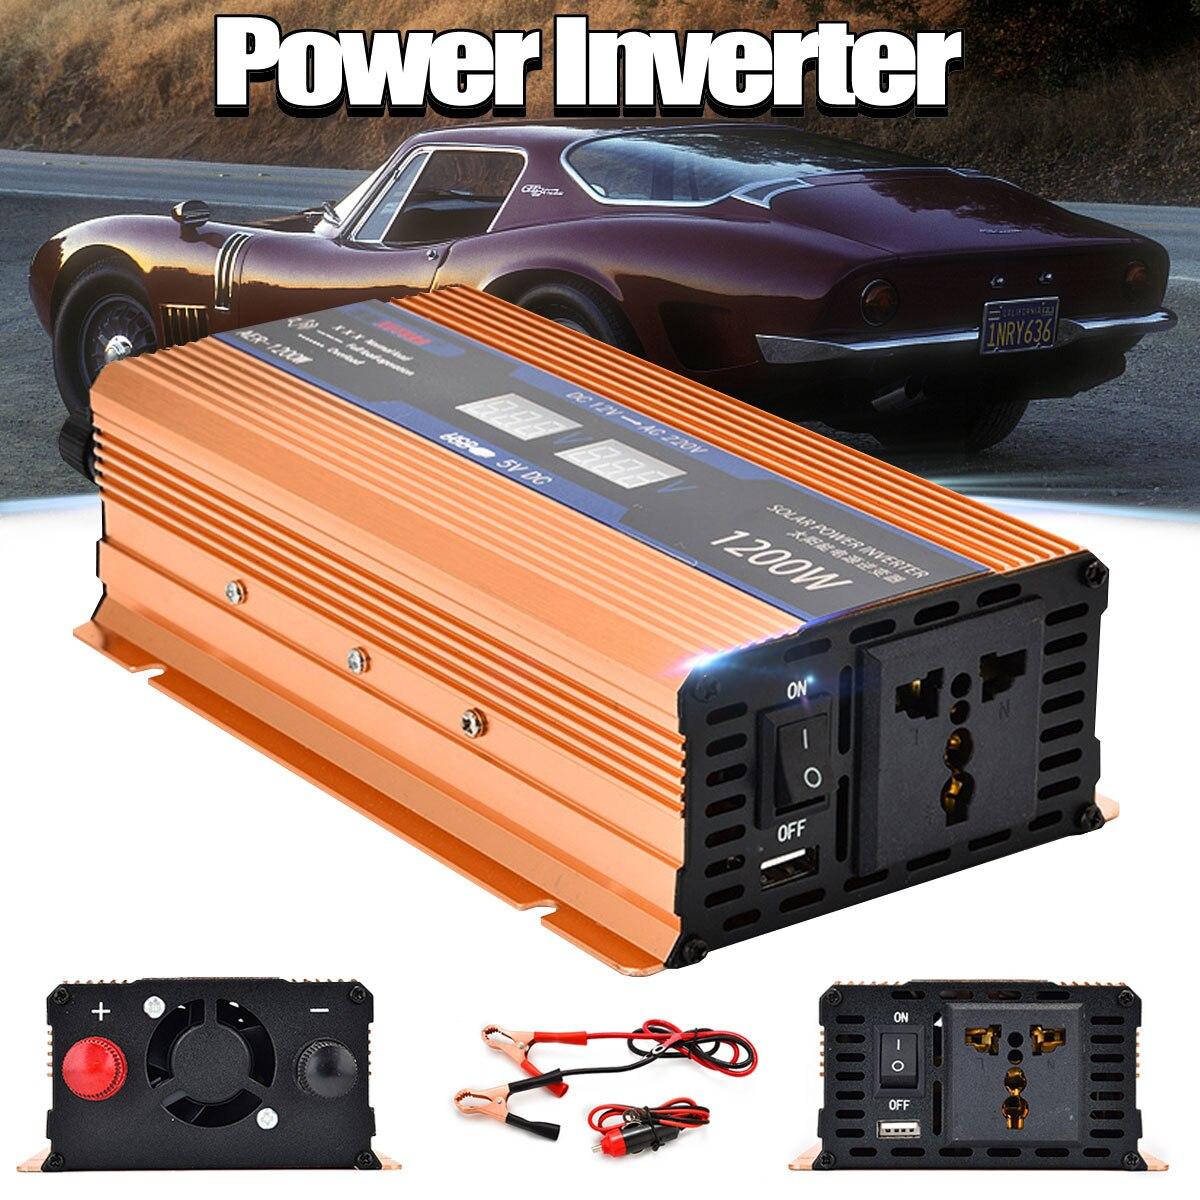 500/1200/2000W Car LED Display Power Inverter Charger Converter Adapter Transformer 12V to 220V USB Socket Modified Sine Wave